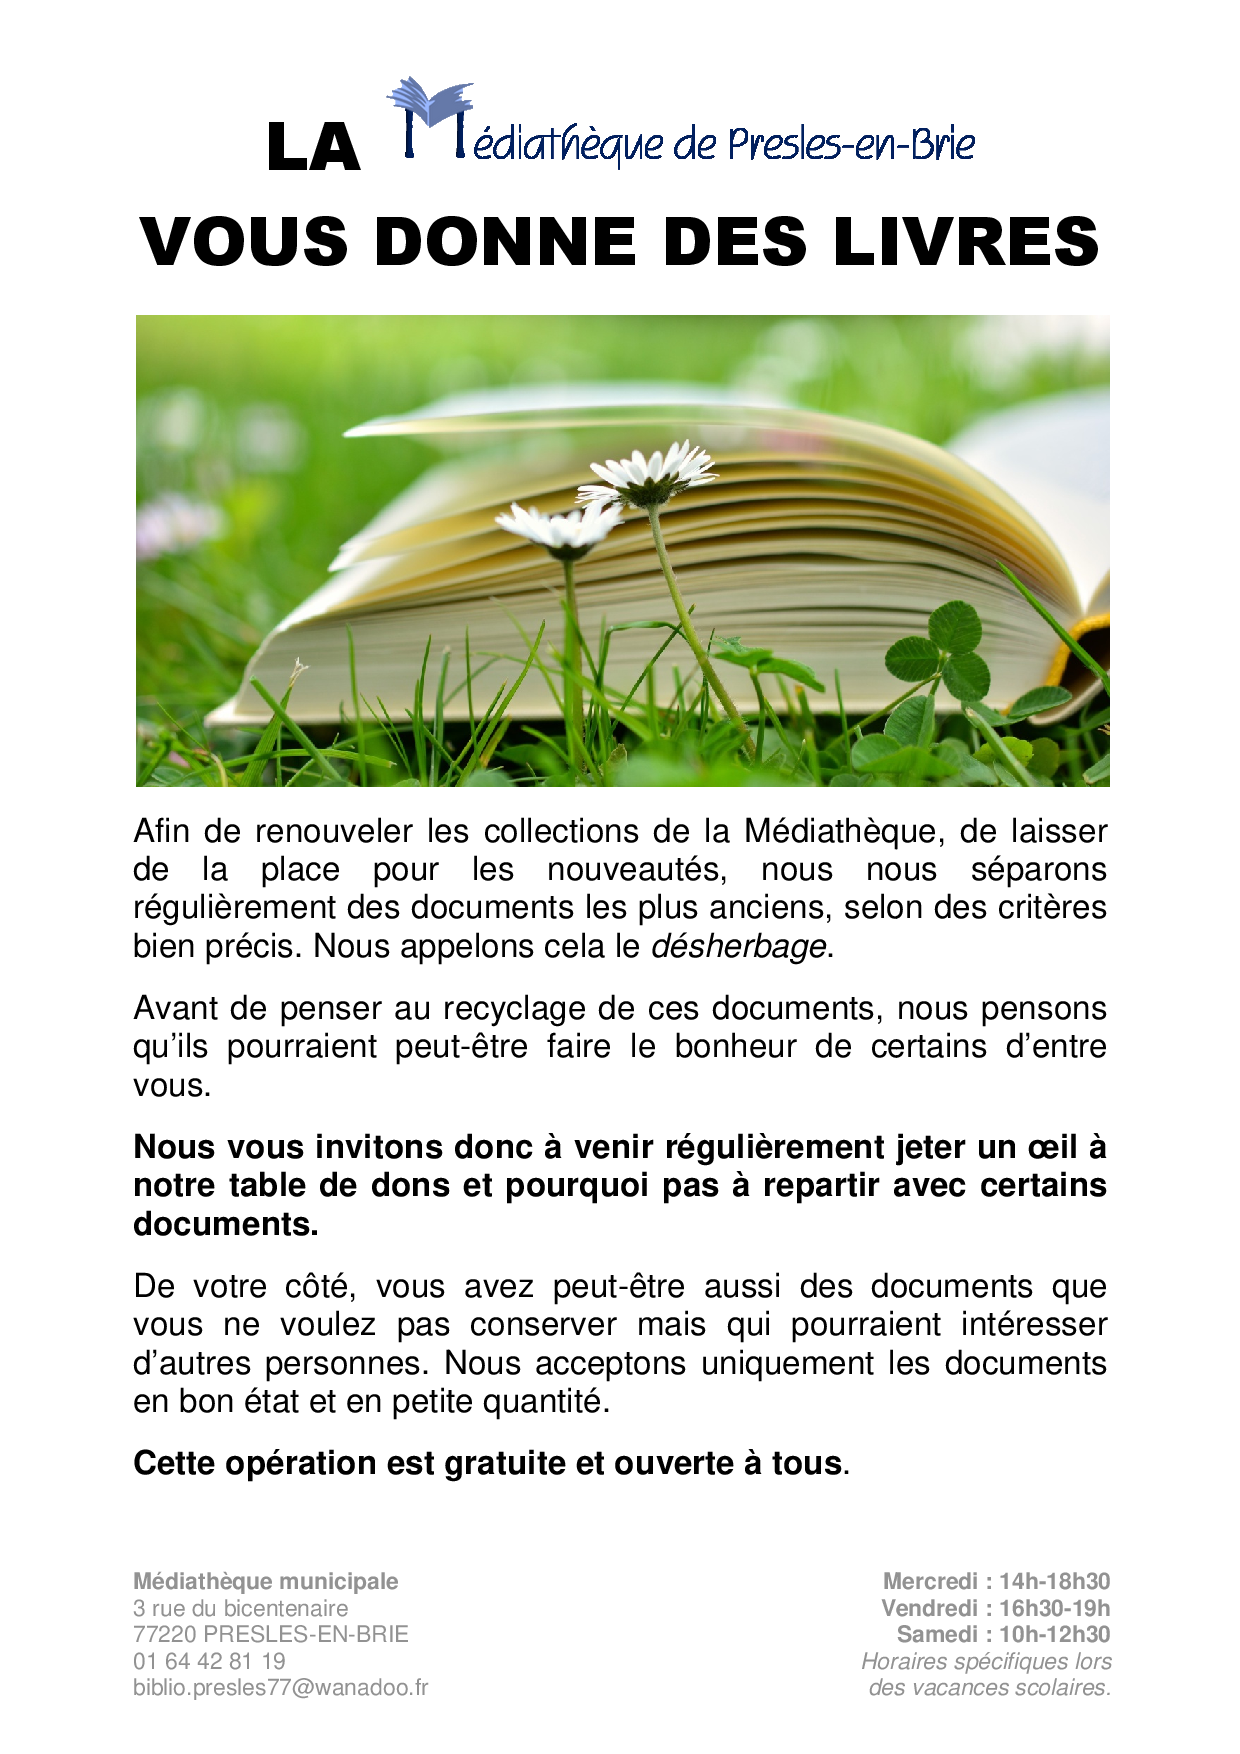 Dons aux usagers - Médiathèque Presles-en-Brie